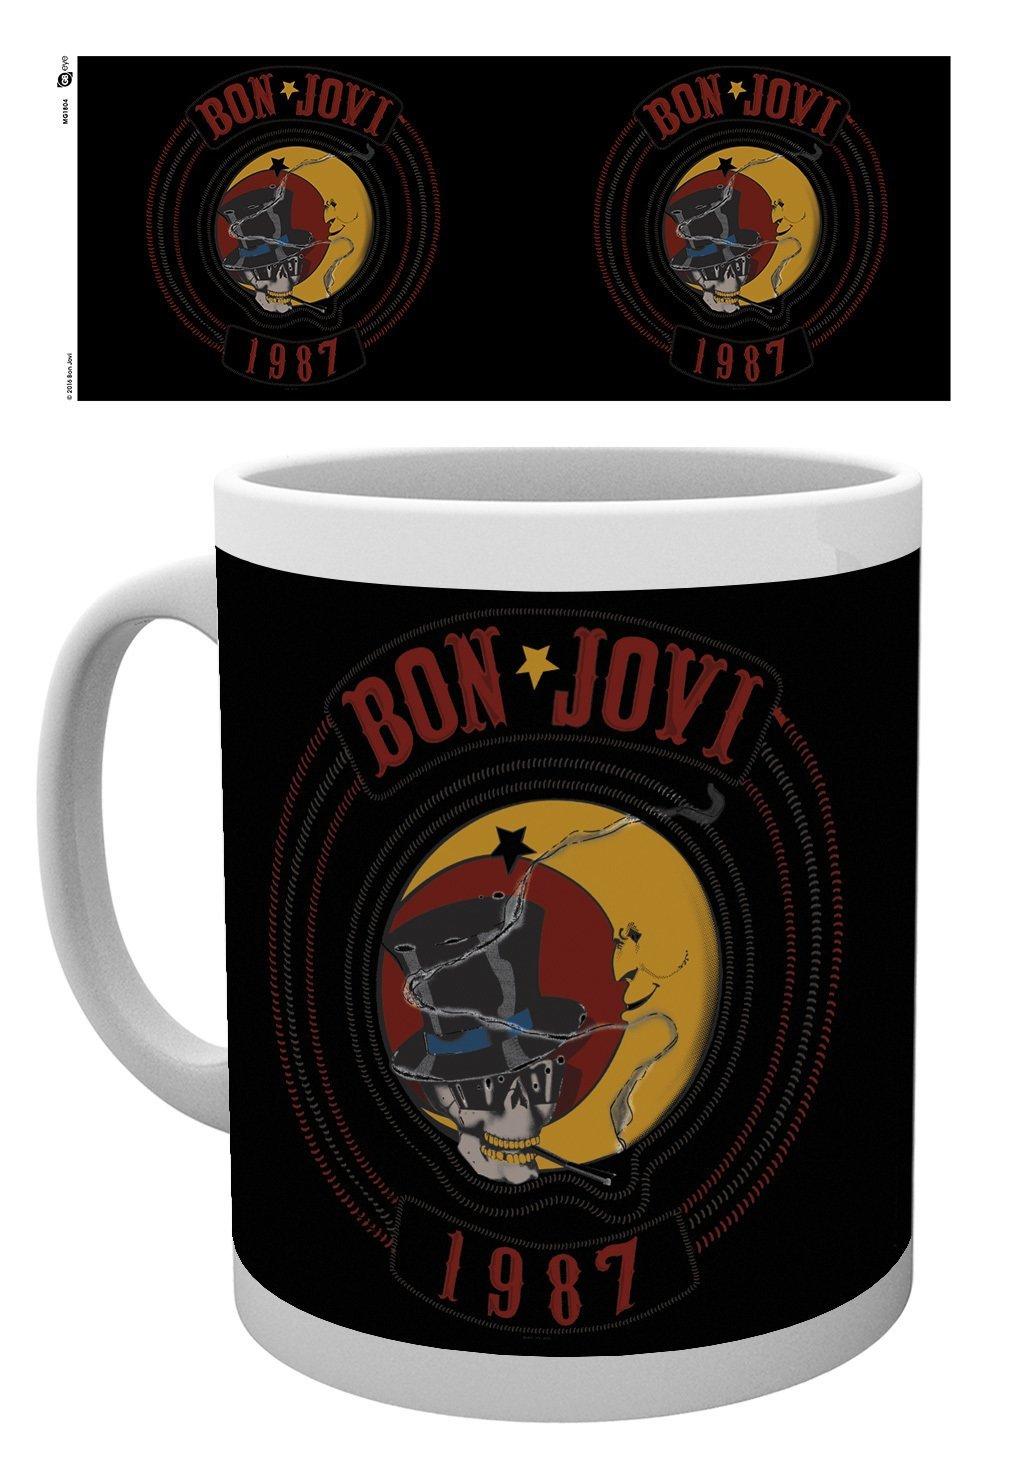 Bon Jovi - Mug